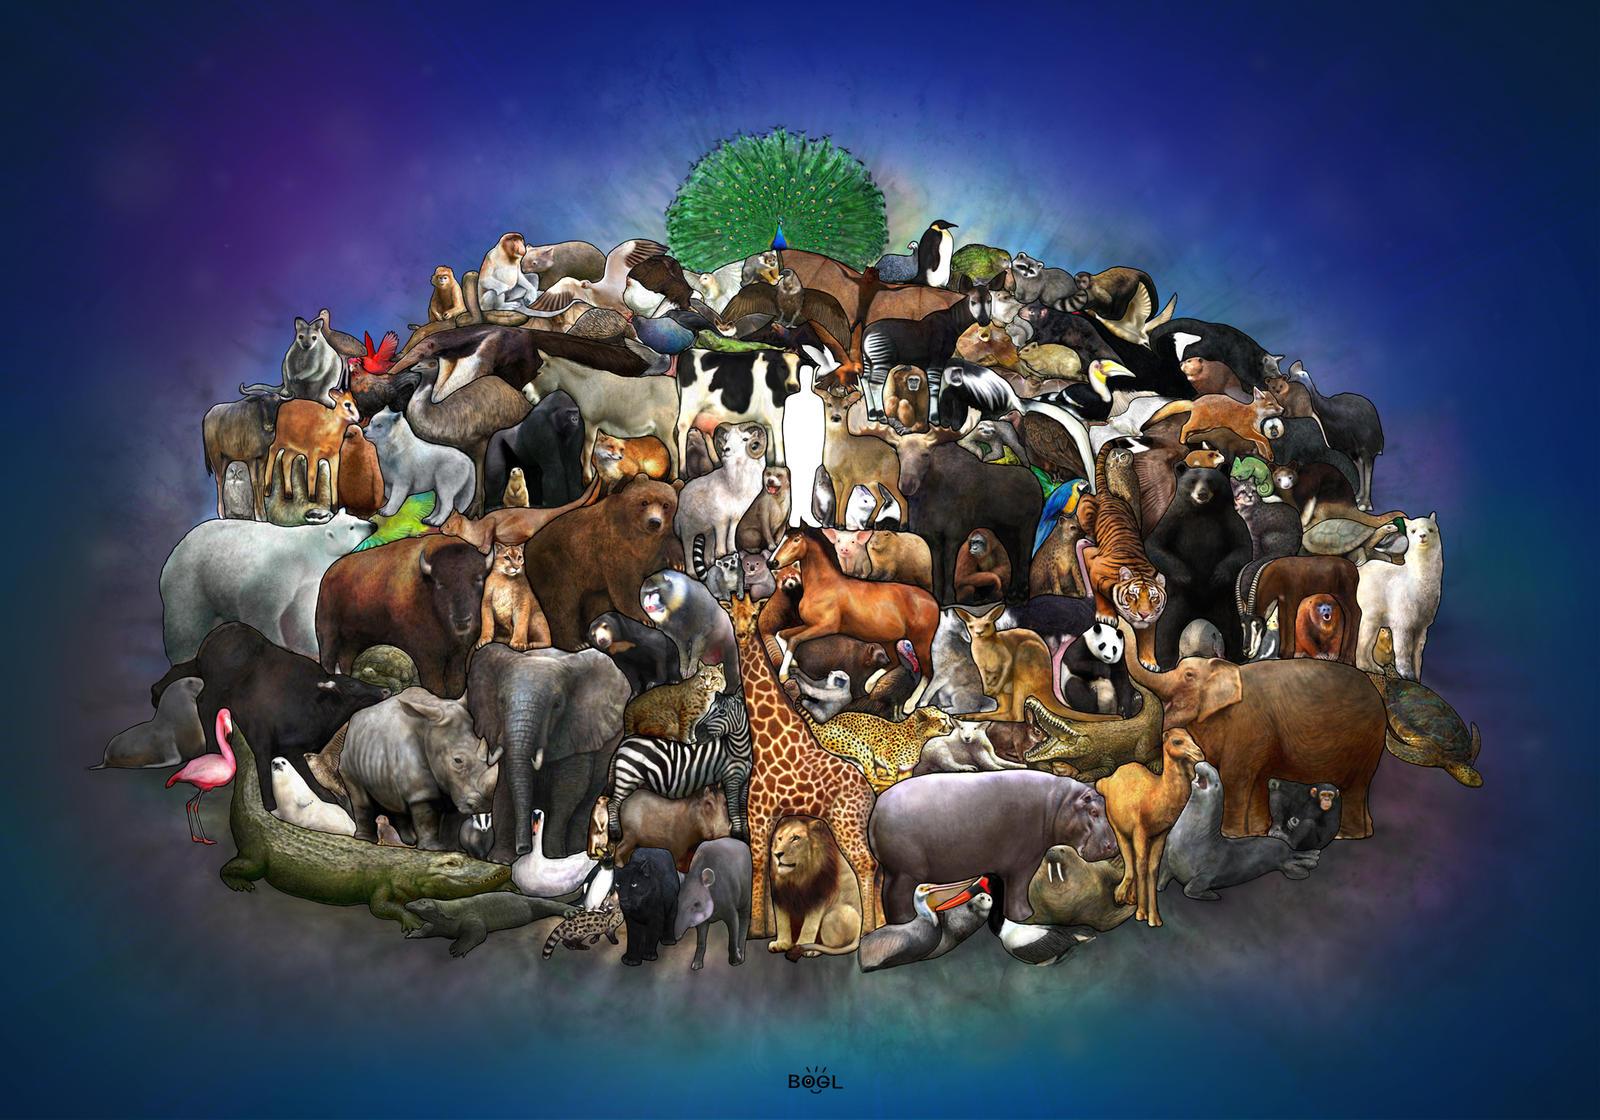 Interlocking Animals by BobbyBobby85 on DeviantArt